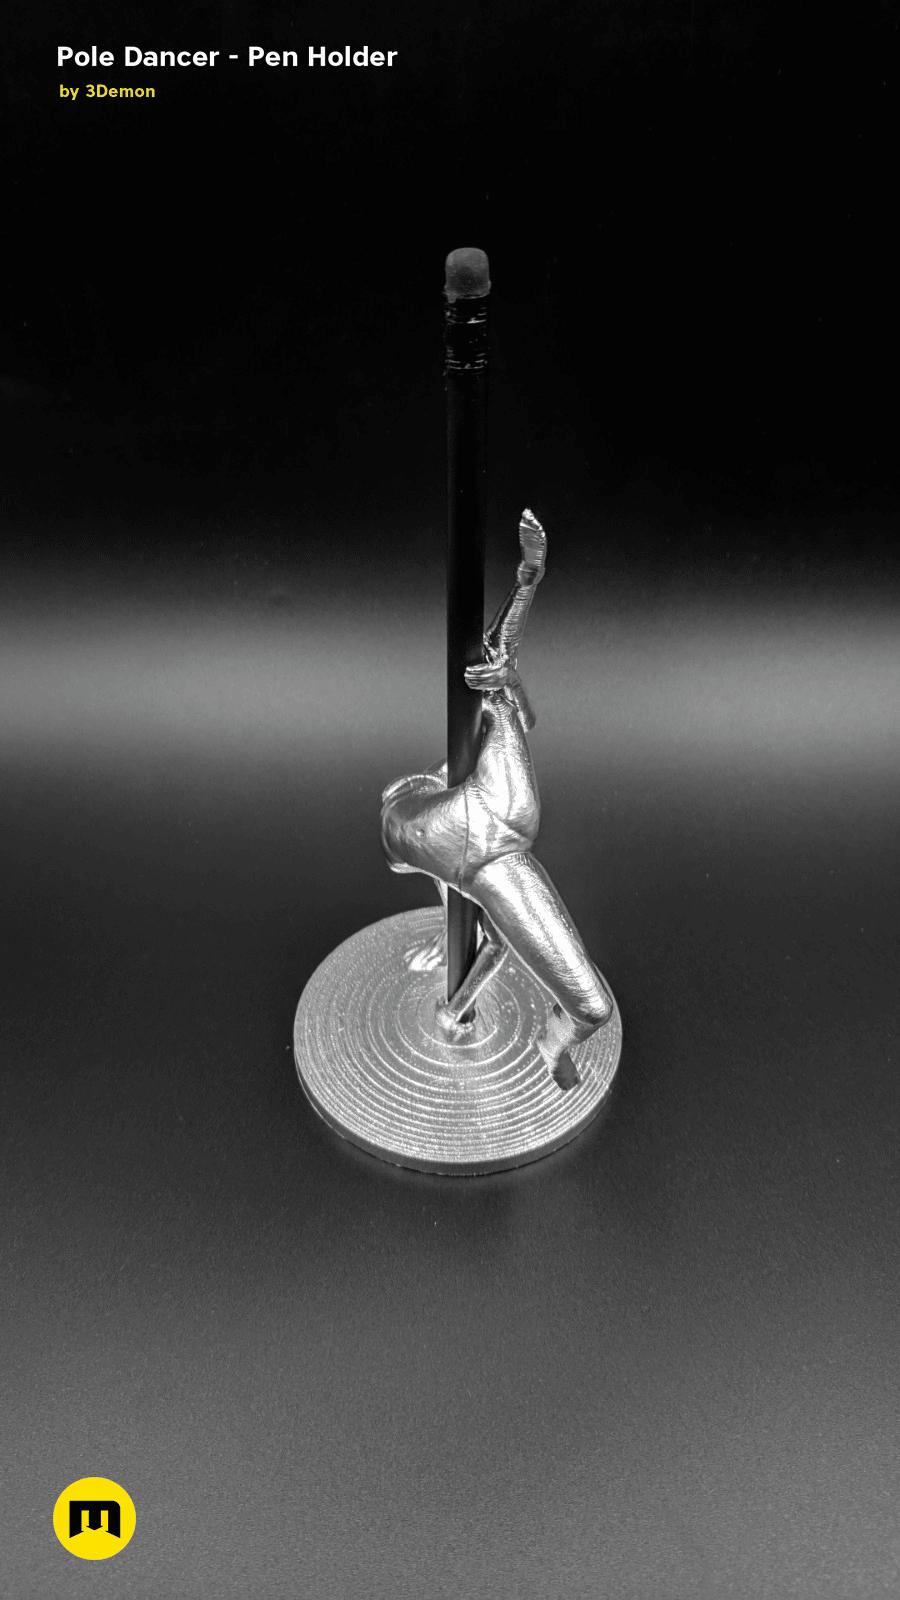 IMG_20190220_103202.png Download STL file Pole Dancer - Pen Holder • Object to 3D print, 3D-mon